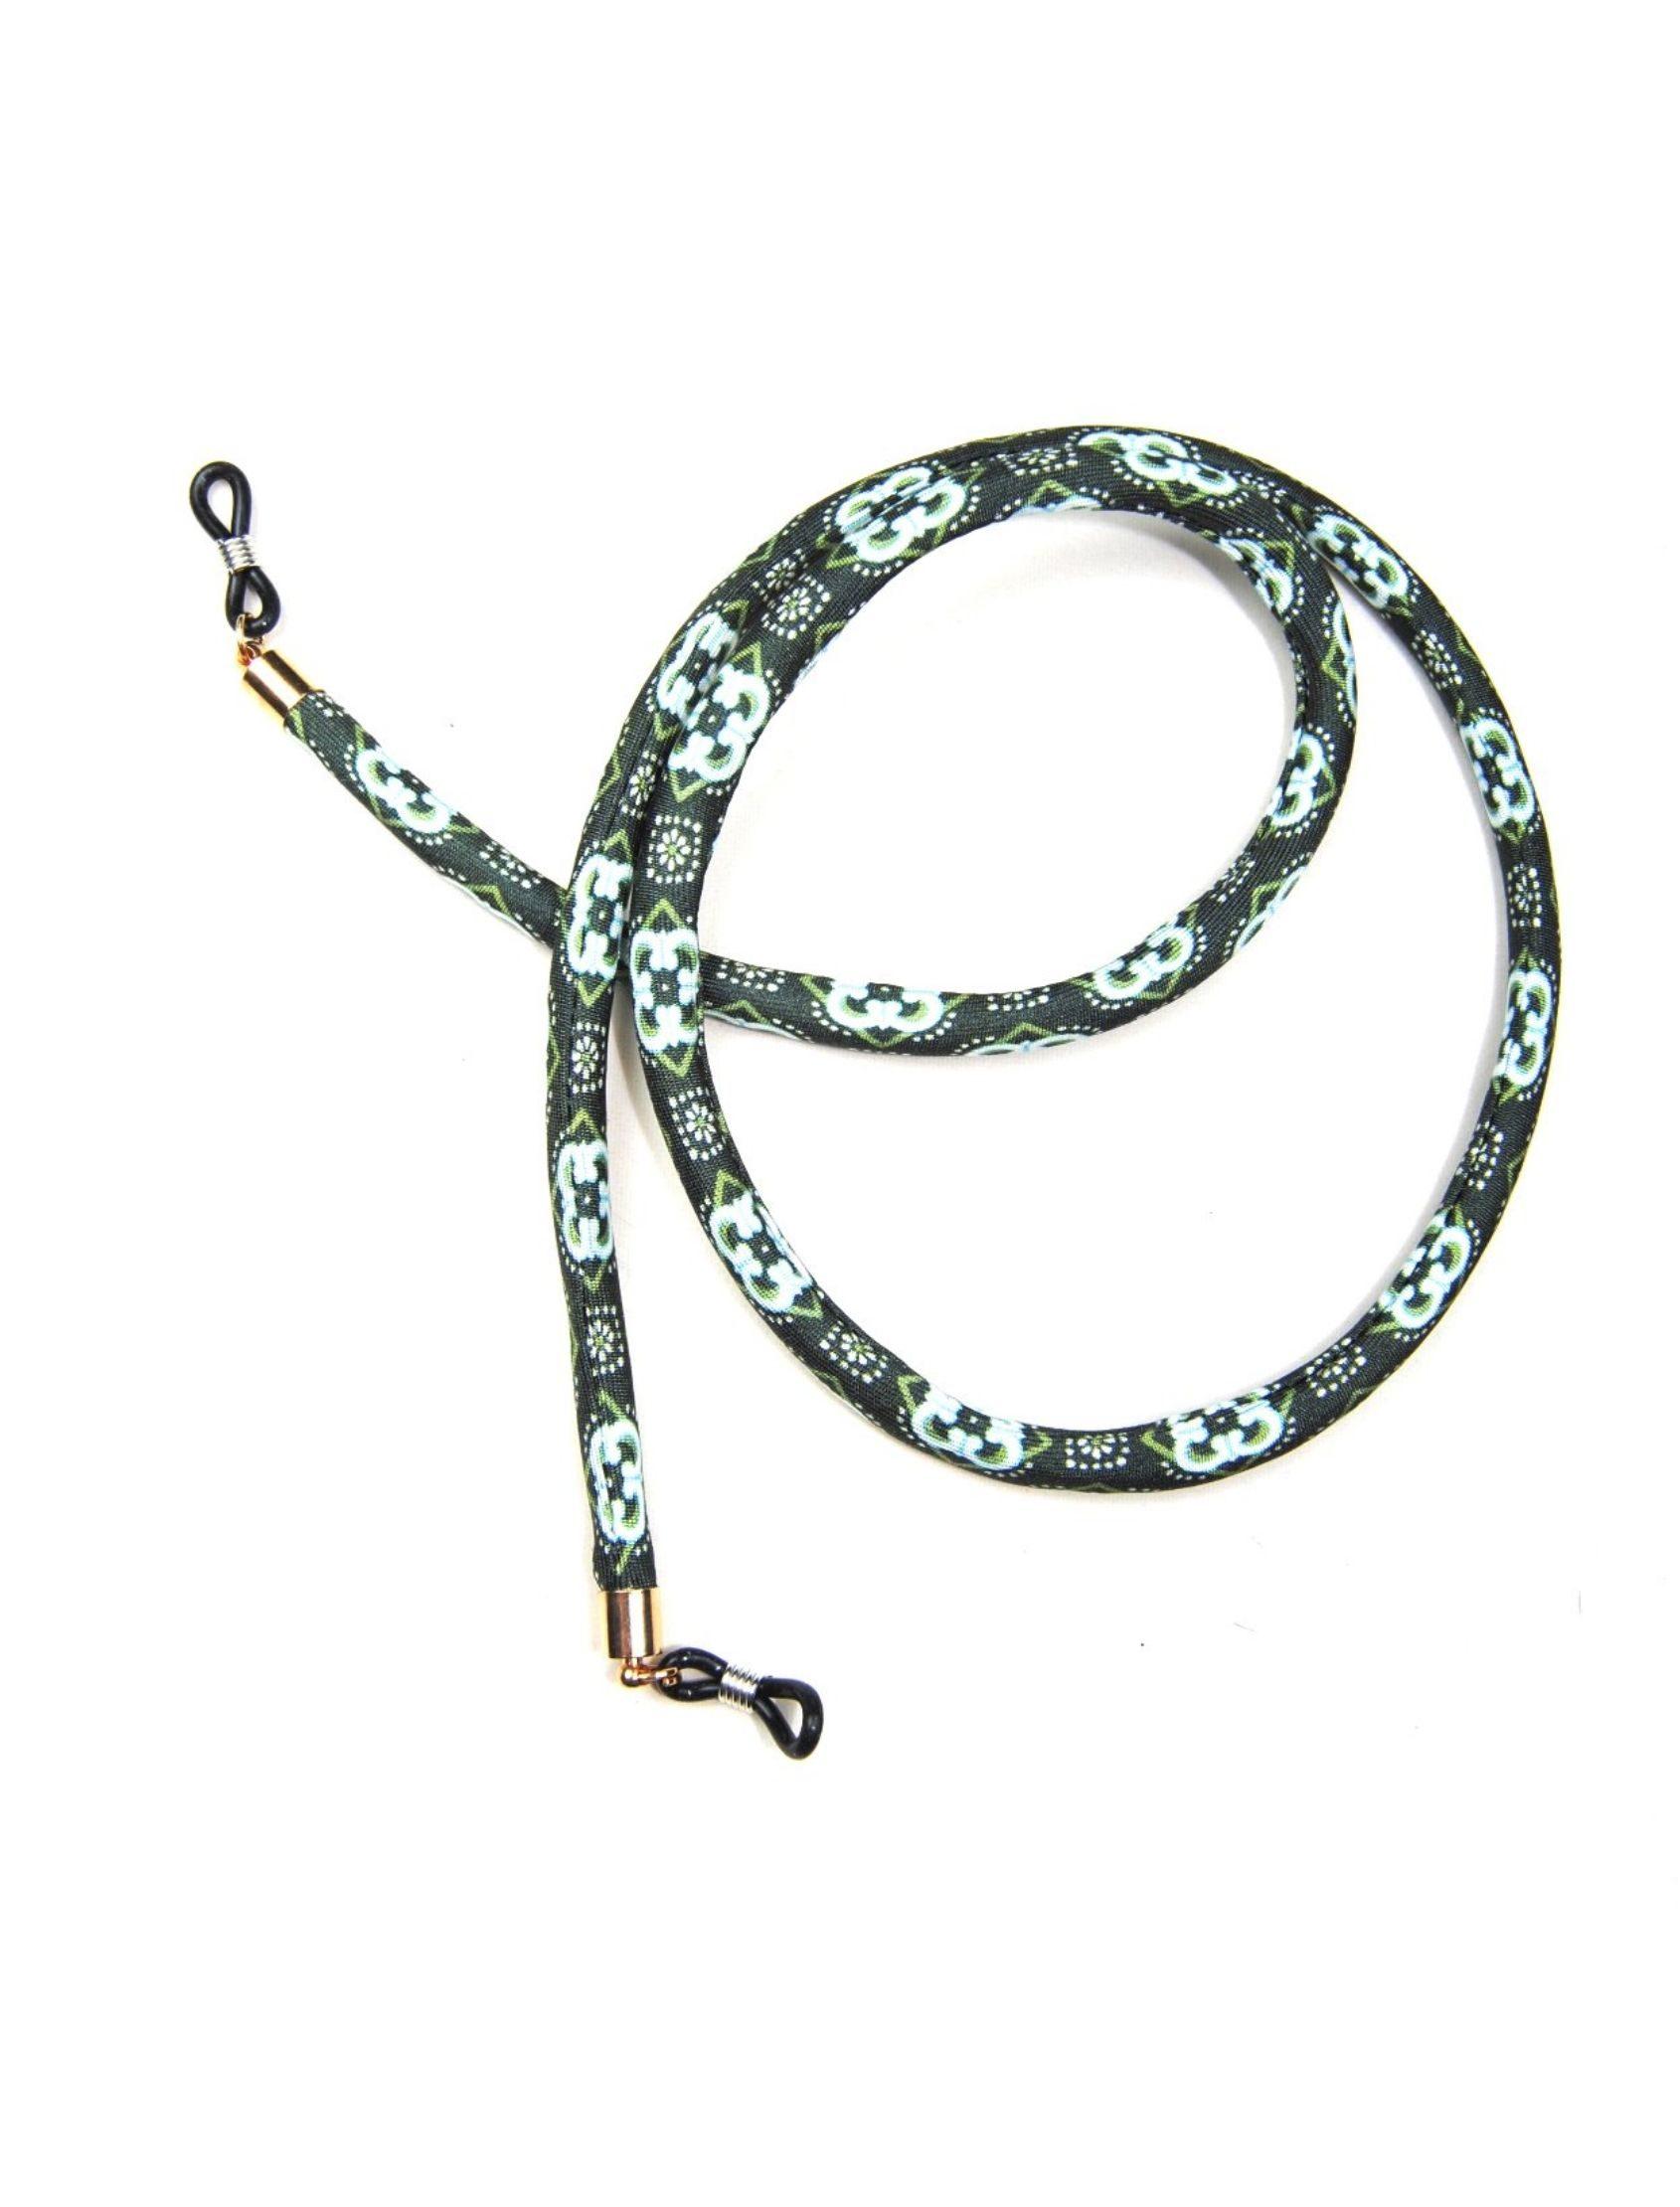 cordón de gafas pradera en el lago con estampado en color verde y azul